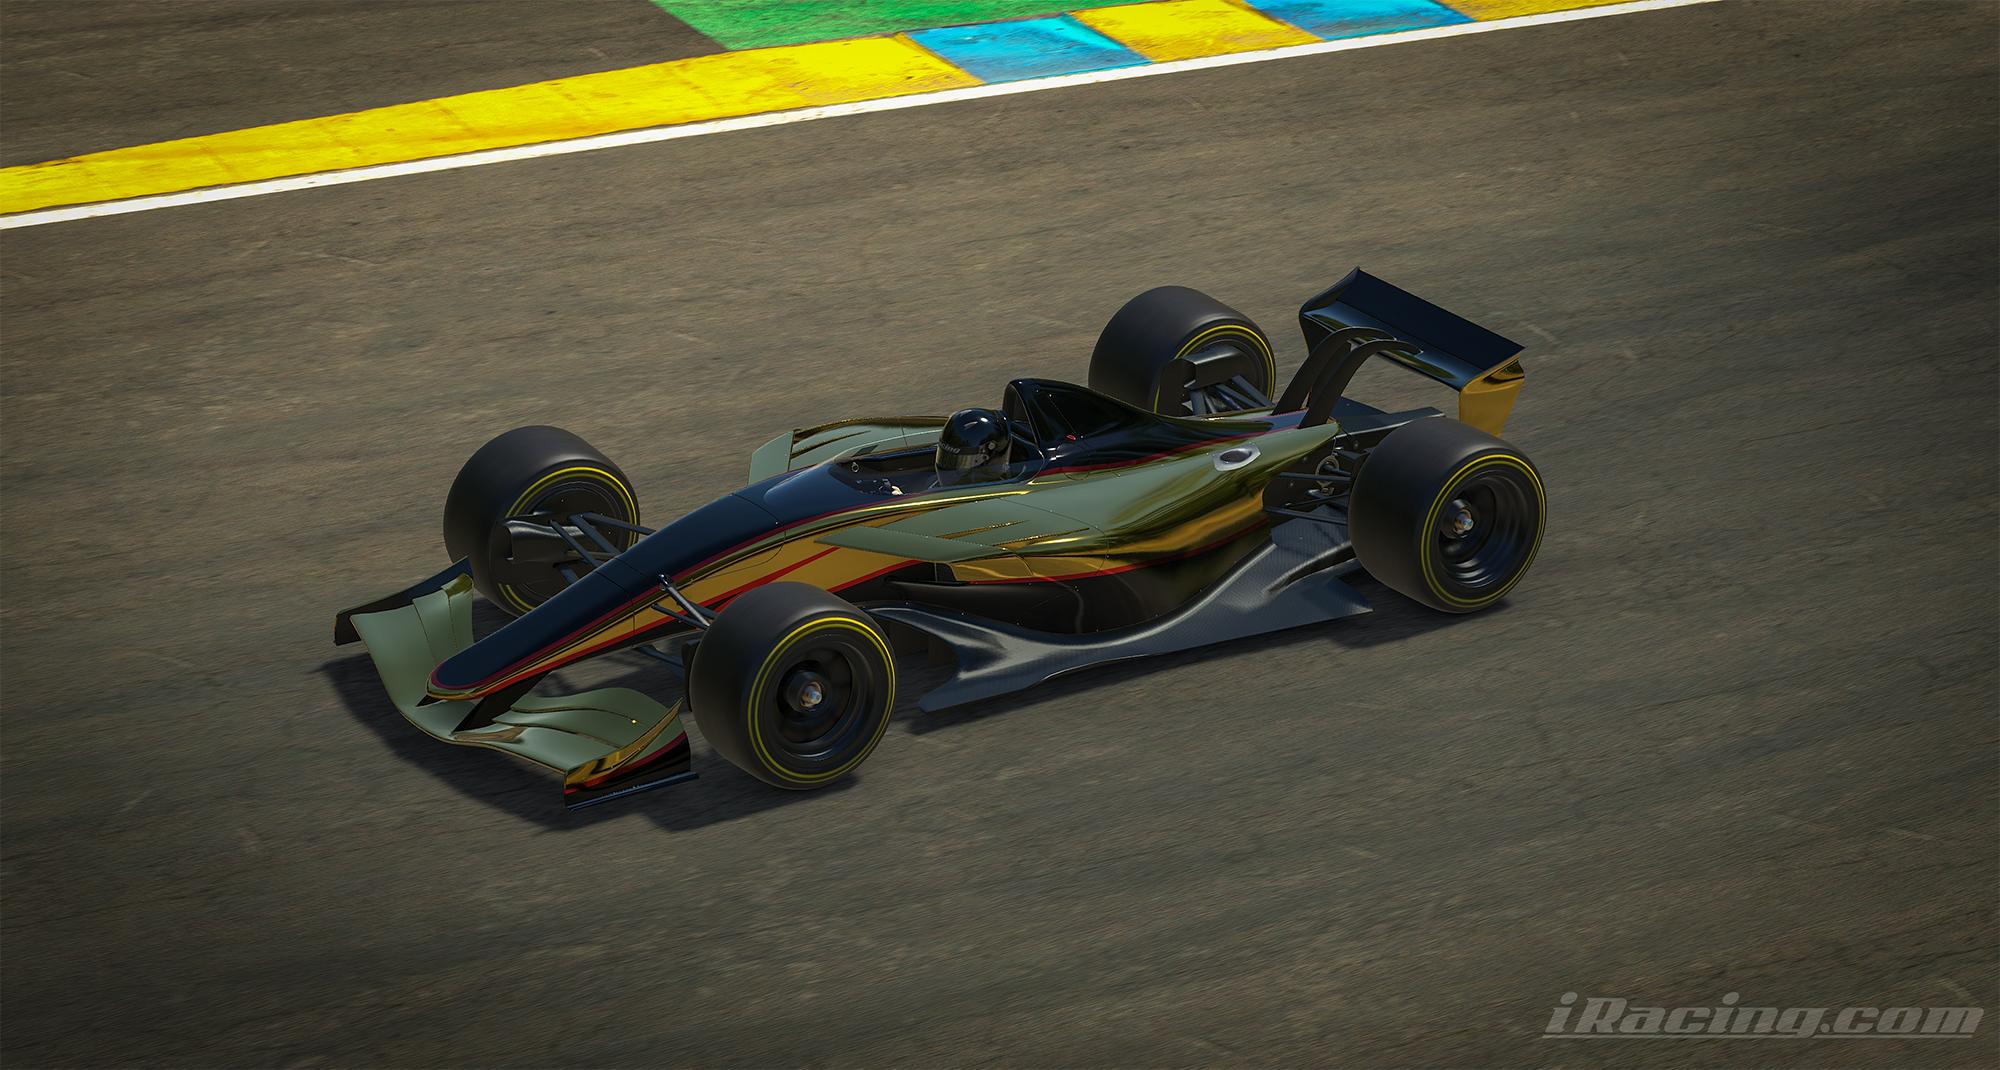 Dallara IR01 - 001